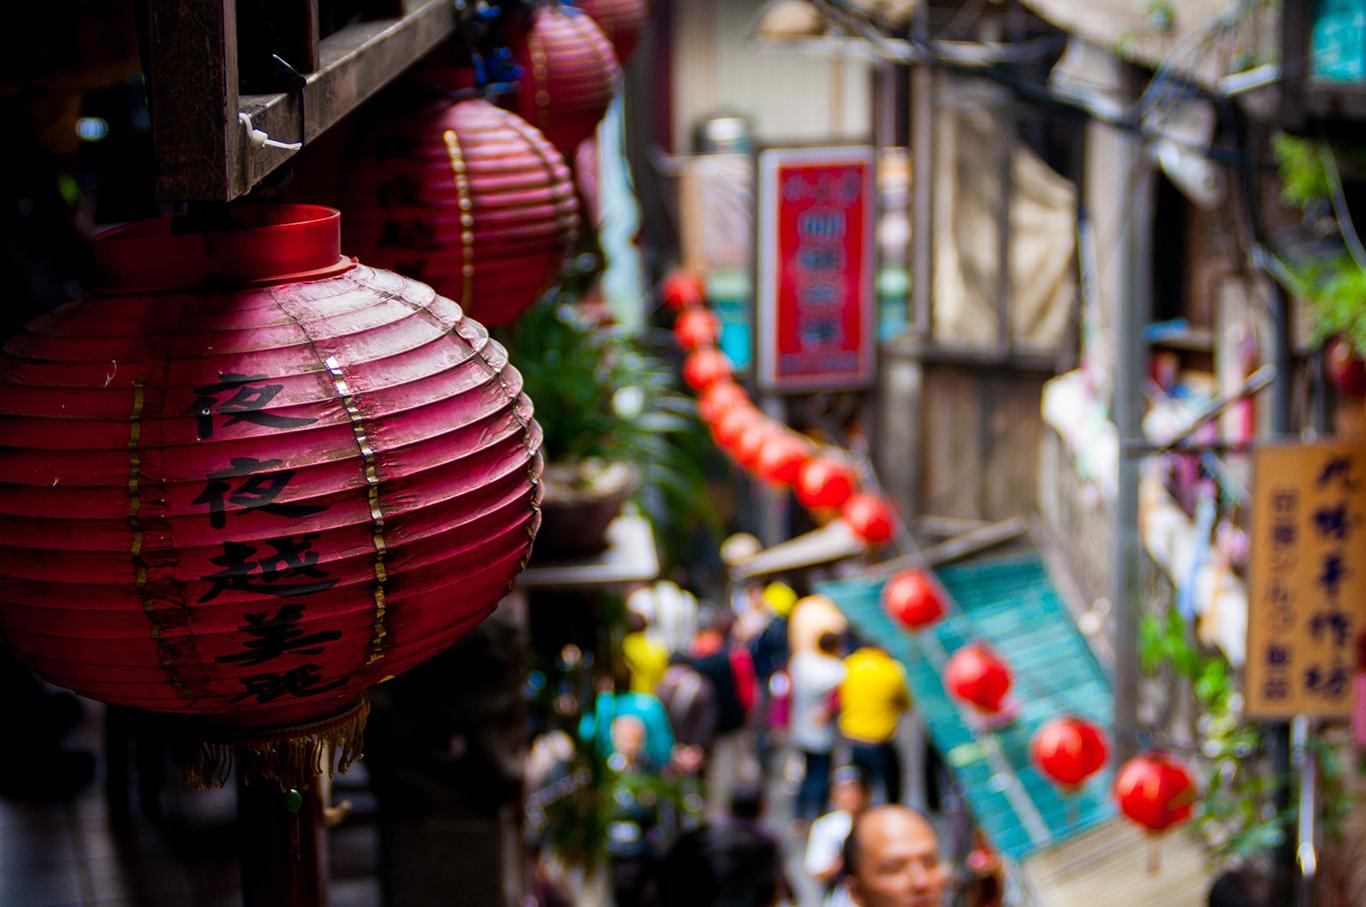 台北のクラブ特集!夜遊びにおすすめの人気店はここ!それぞれの特徴は?